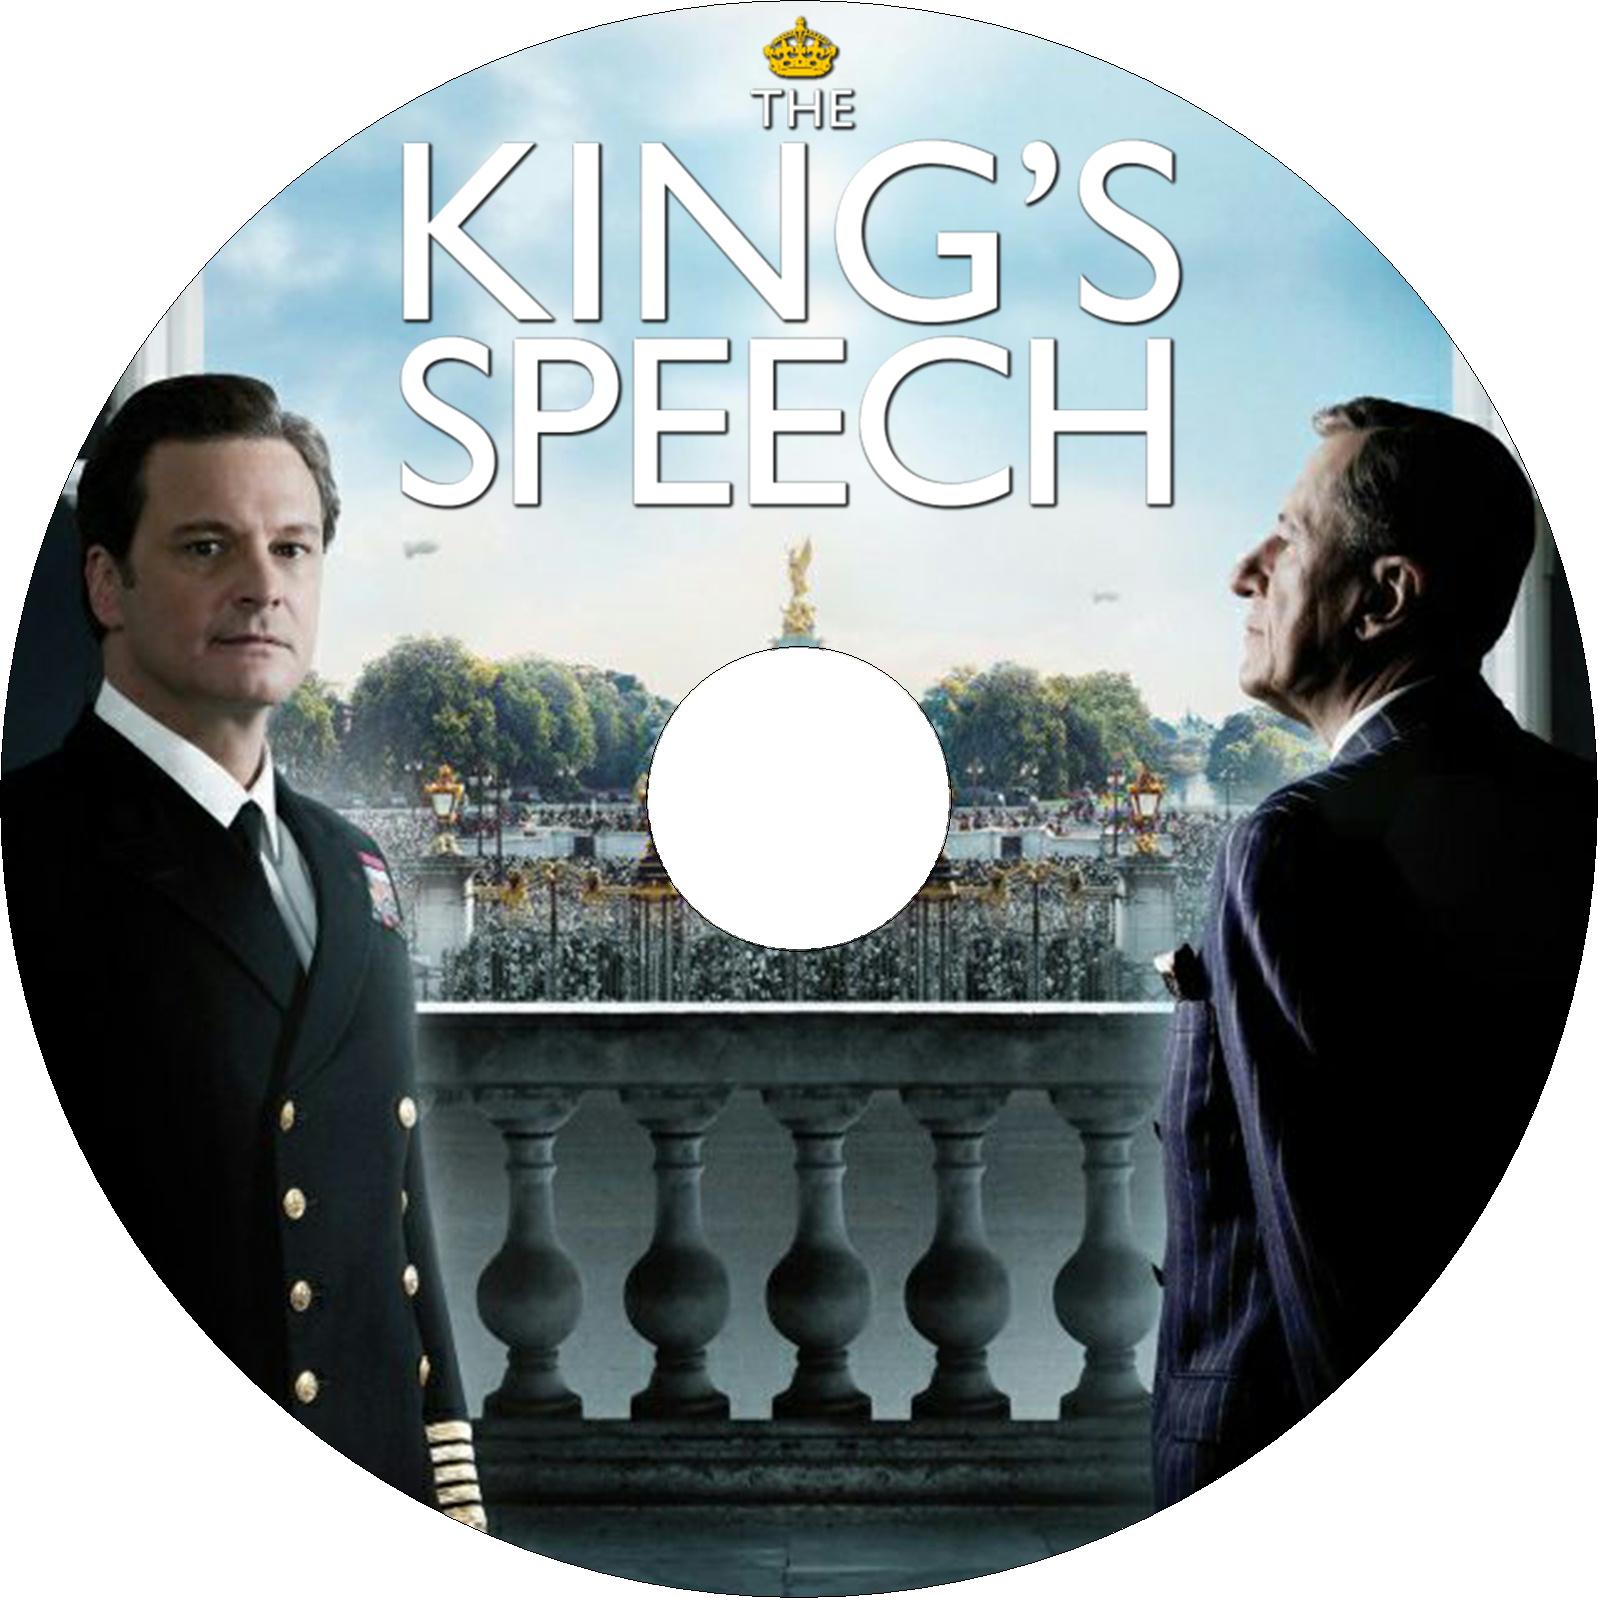 英国王のスピーチ ラベル